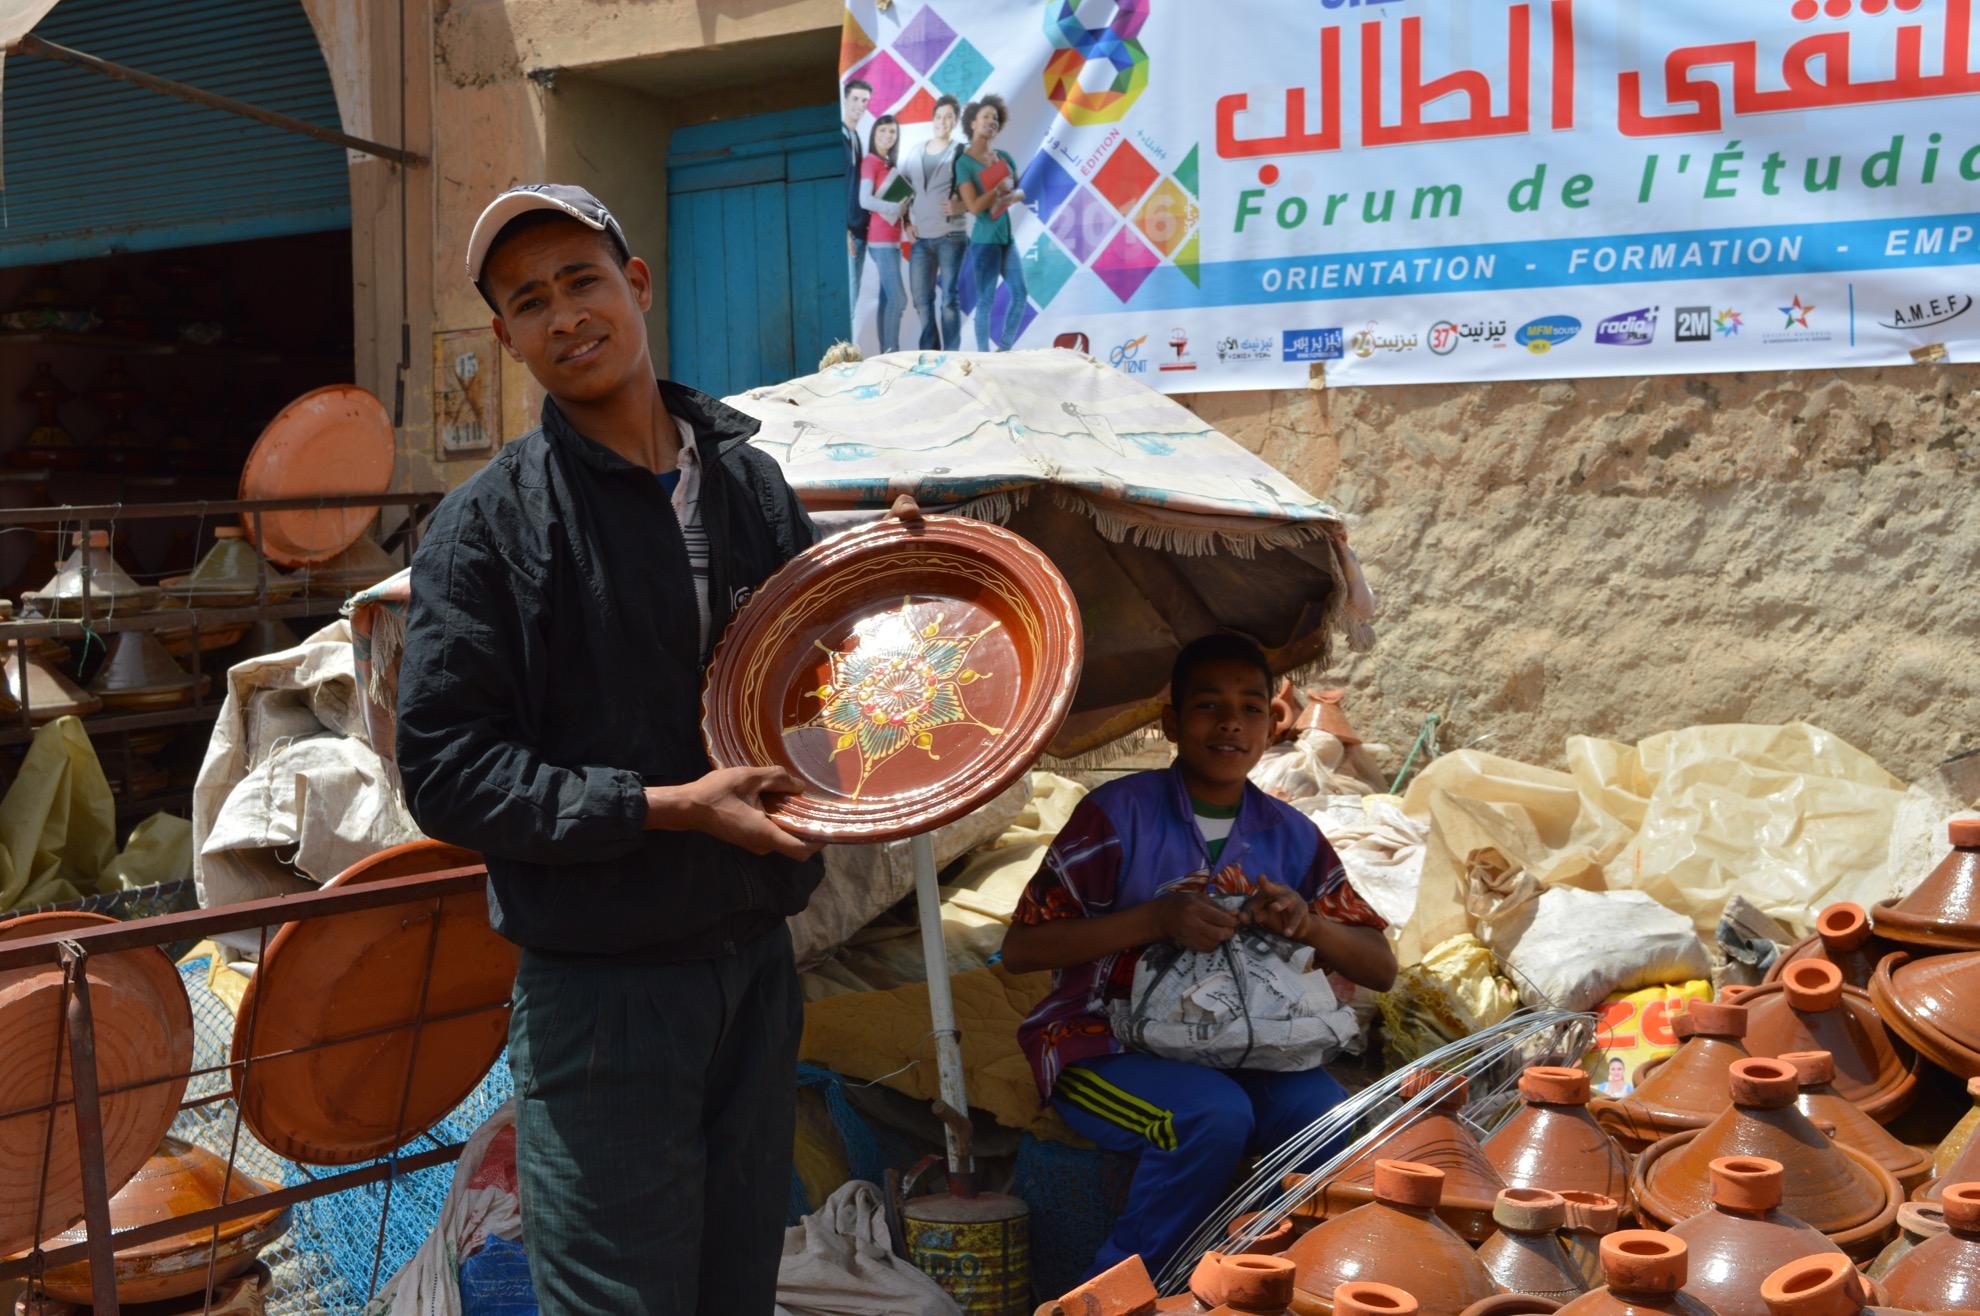 Souk - Tajine und Tonwaren Händler